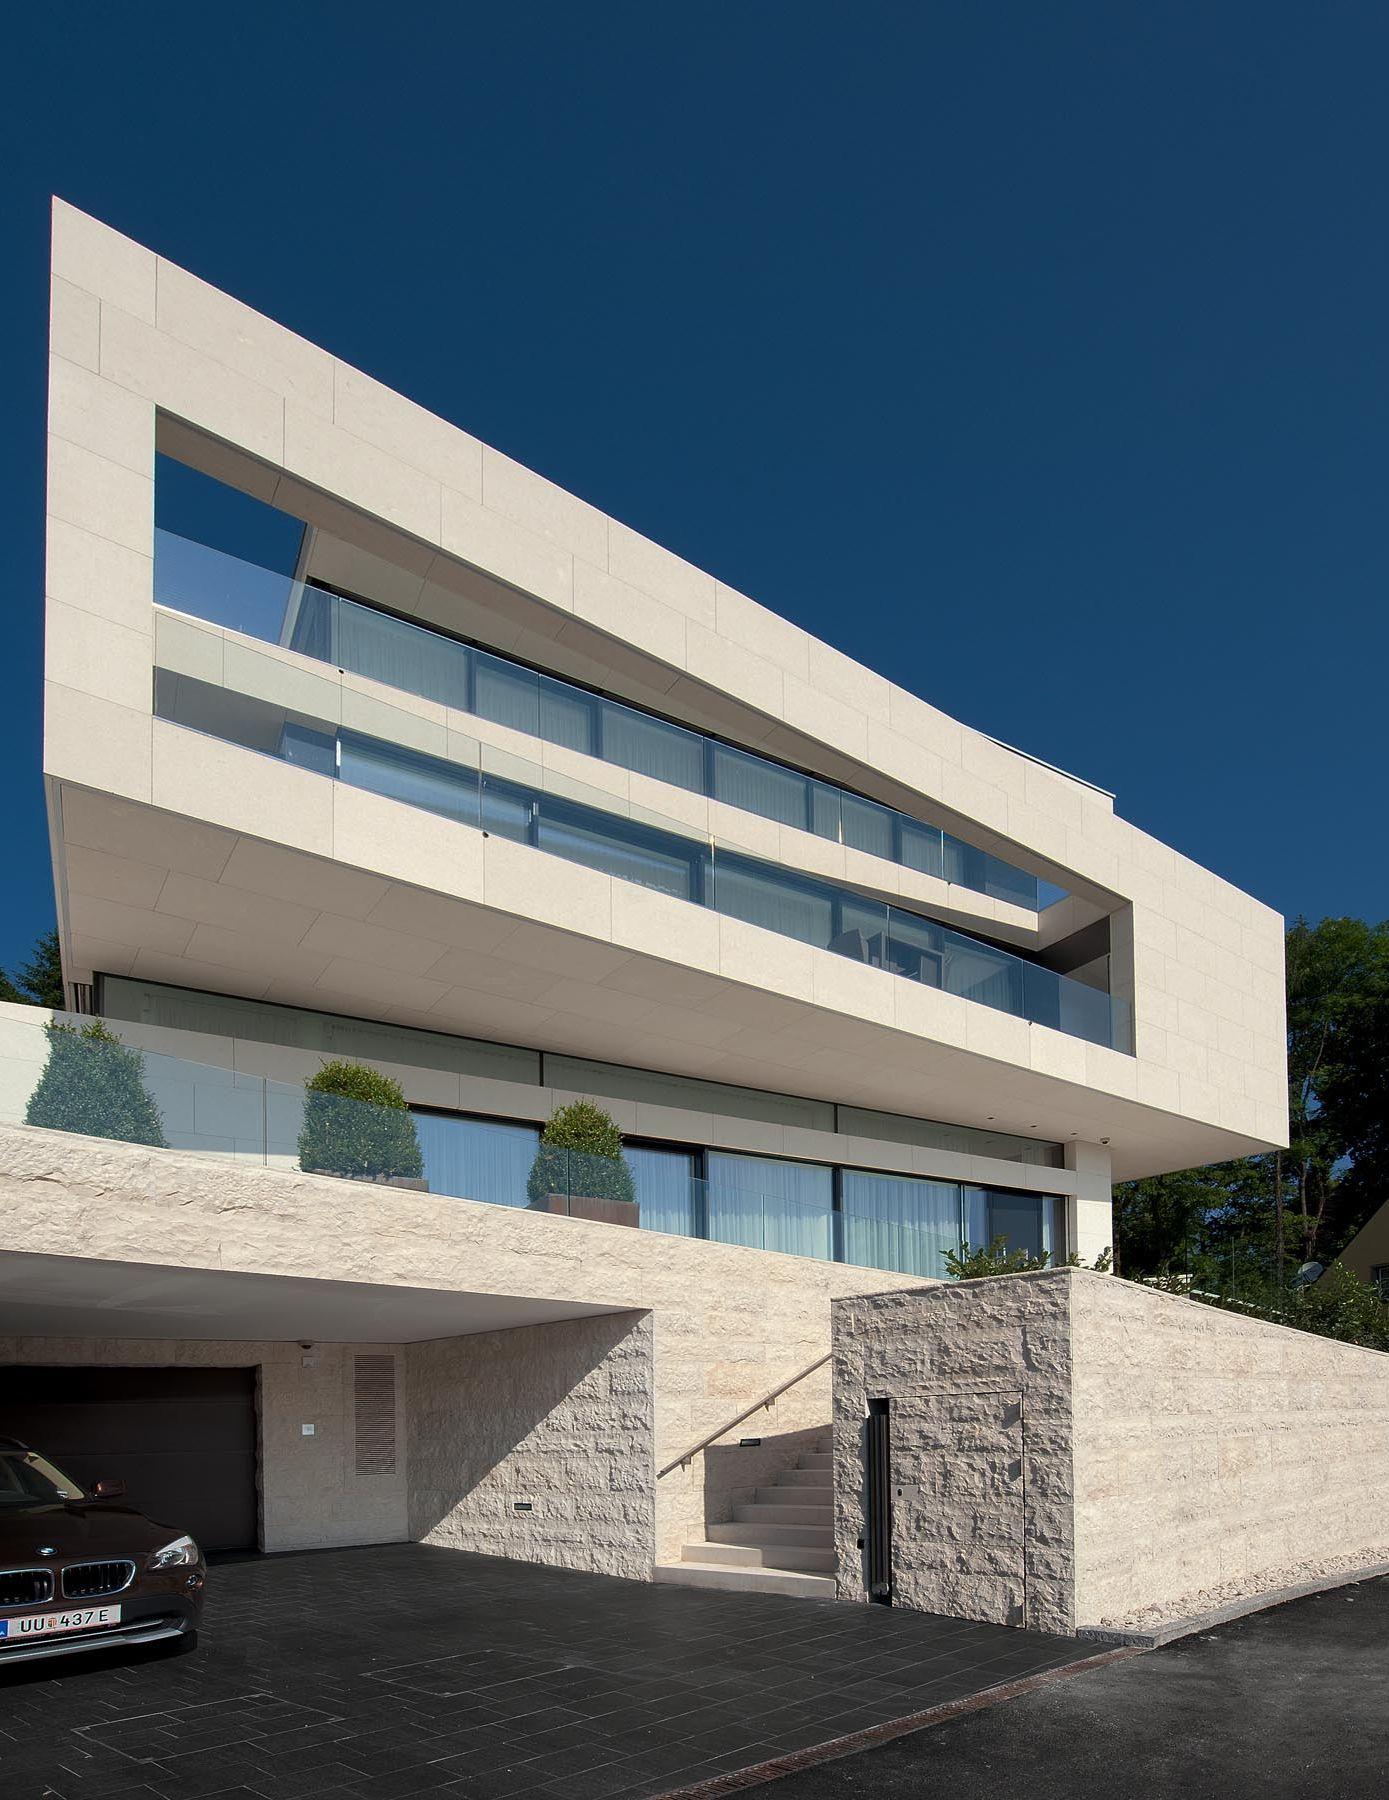 5192622ab3fc4b53ed00005b_villa-upper-austria-two-in-a-box-architekten_villa_upper_austria_-_02a_-_two_in_a_box_-_architekten